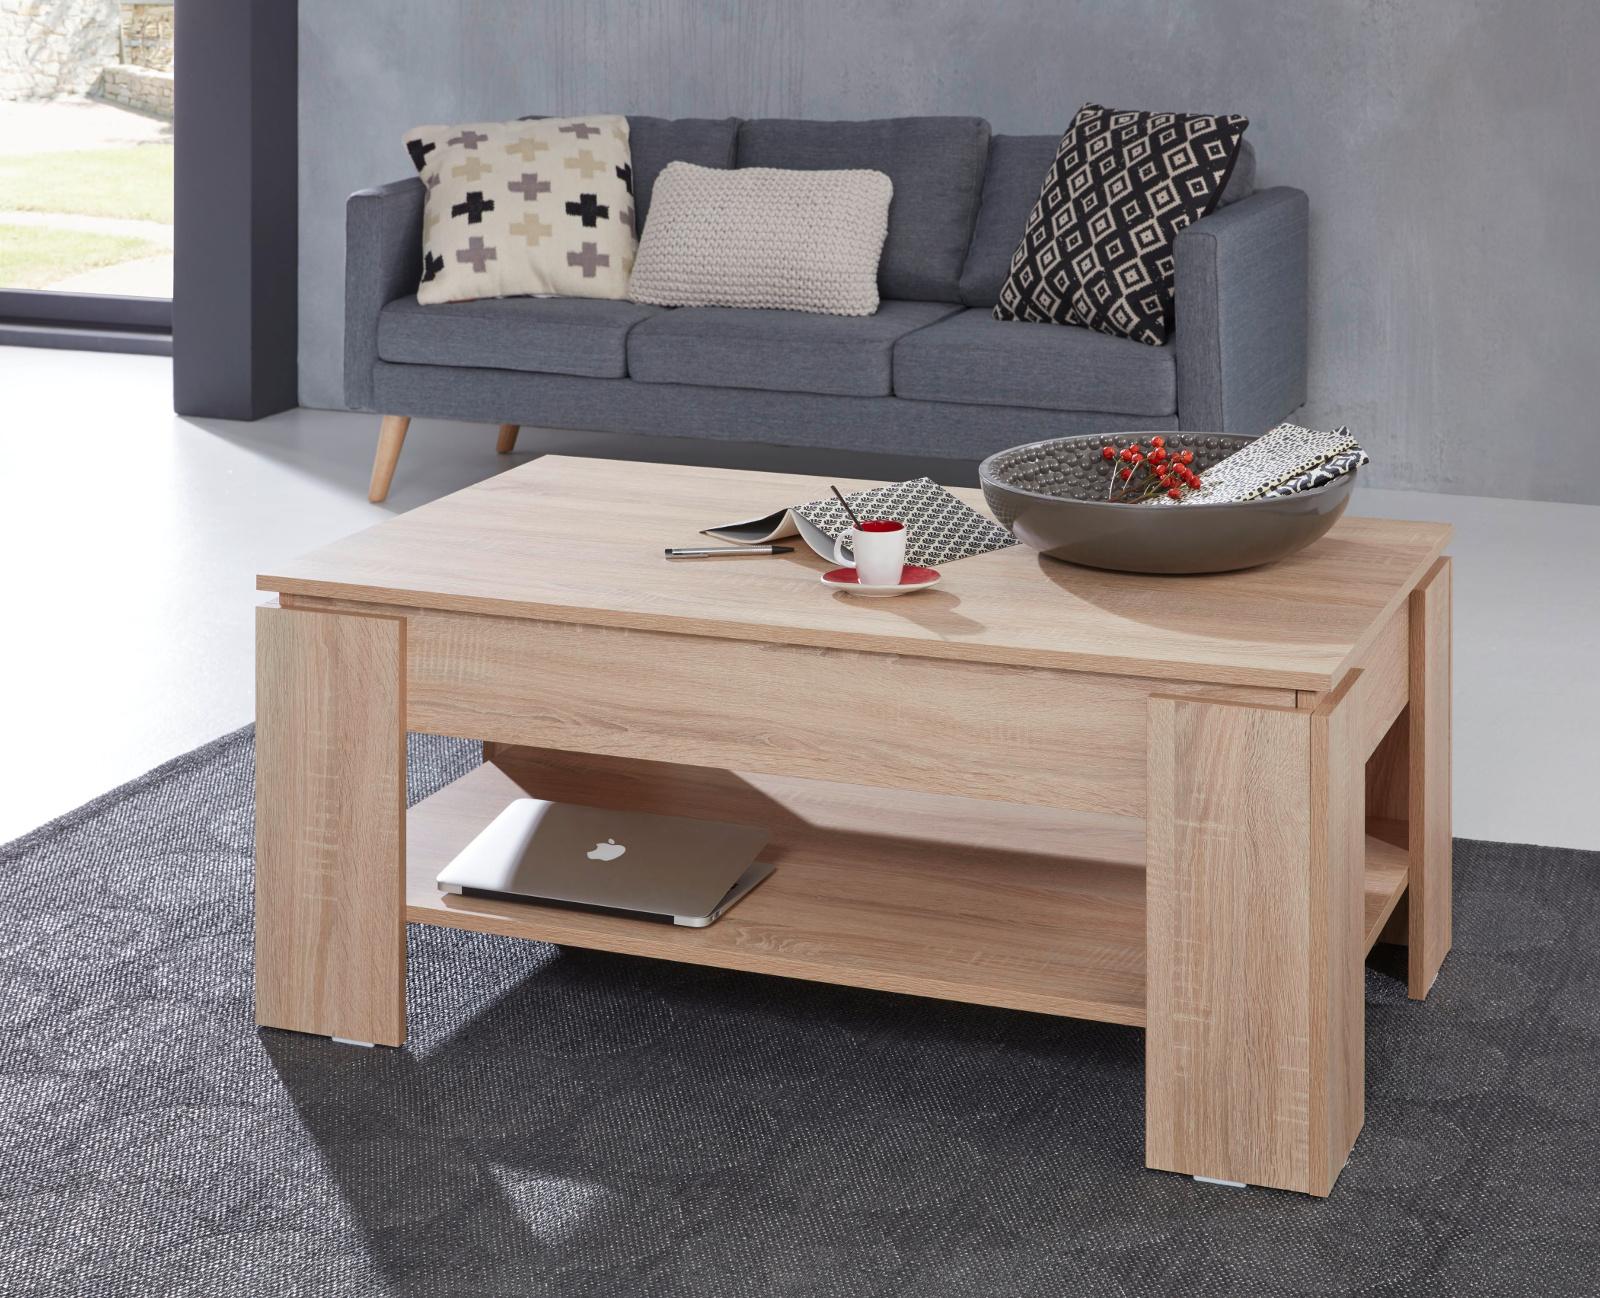 couchtisch sonoma eiche hell 107 cm ausklappbar. Black Bedroom Furniture Sets. Home Design Ideas